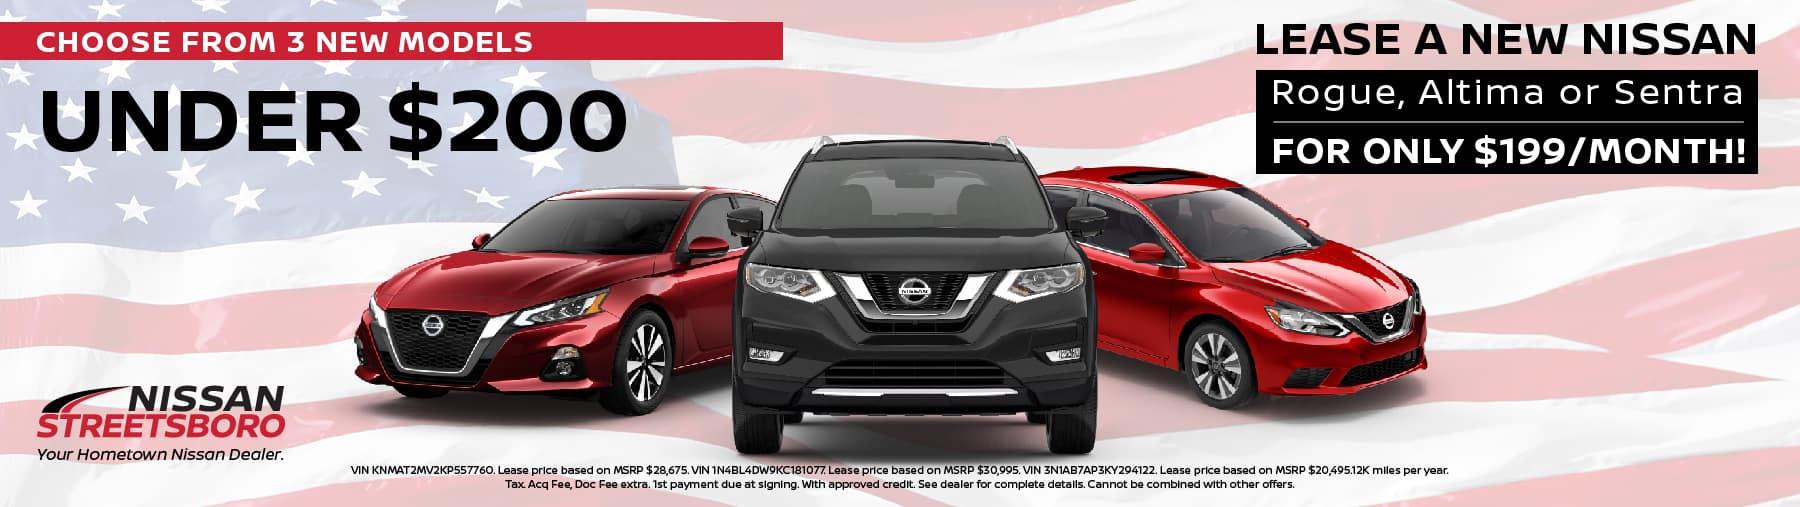 New Nissan under $200